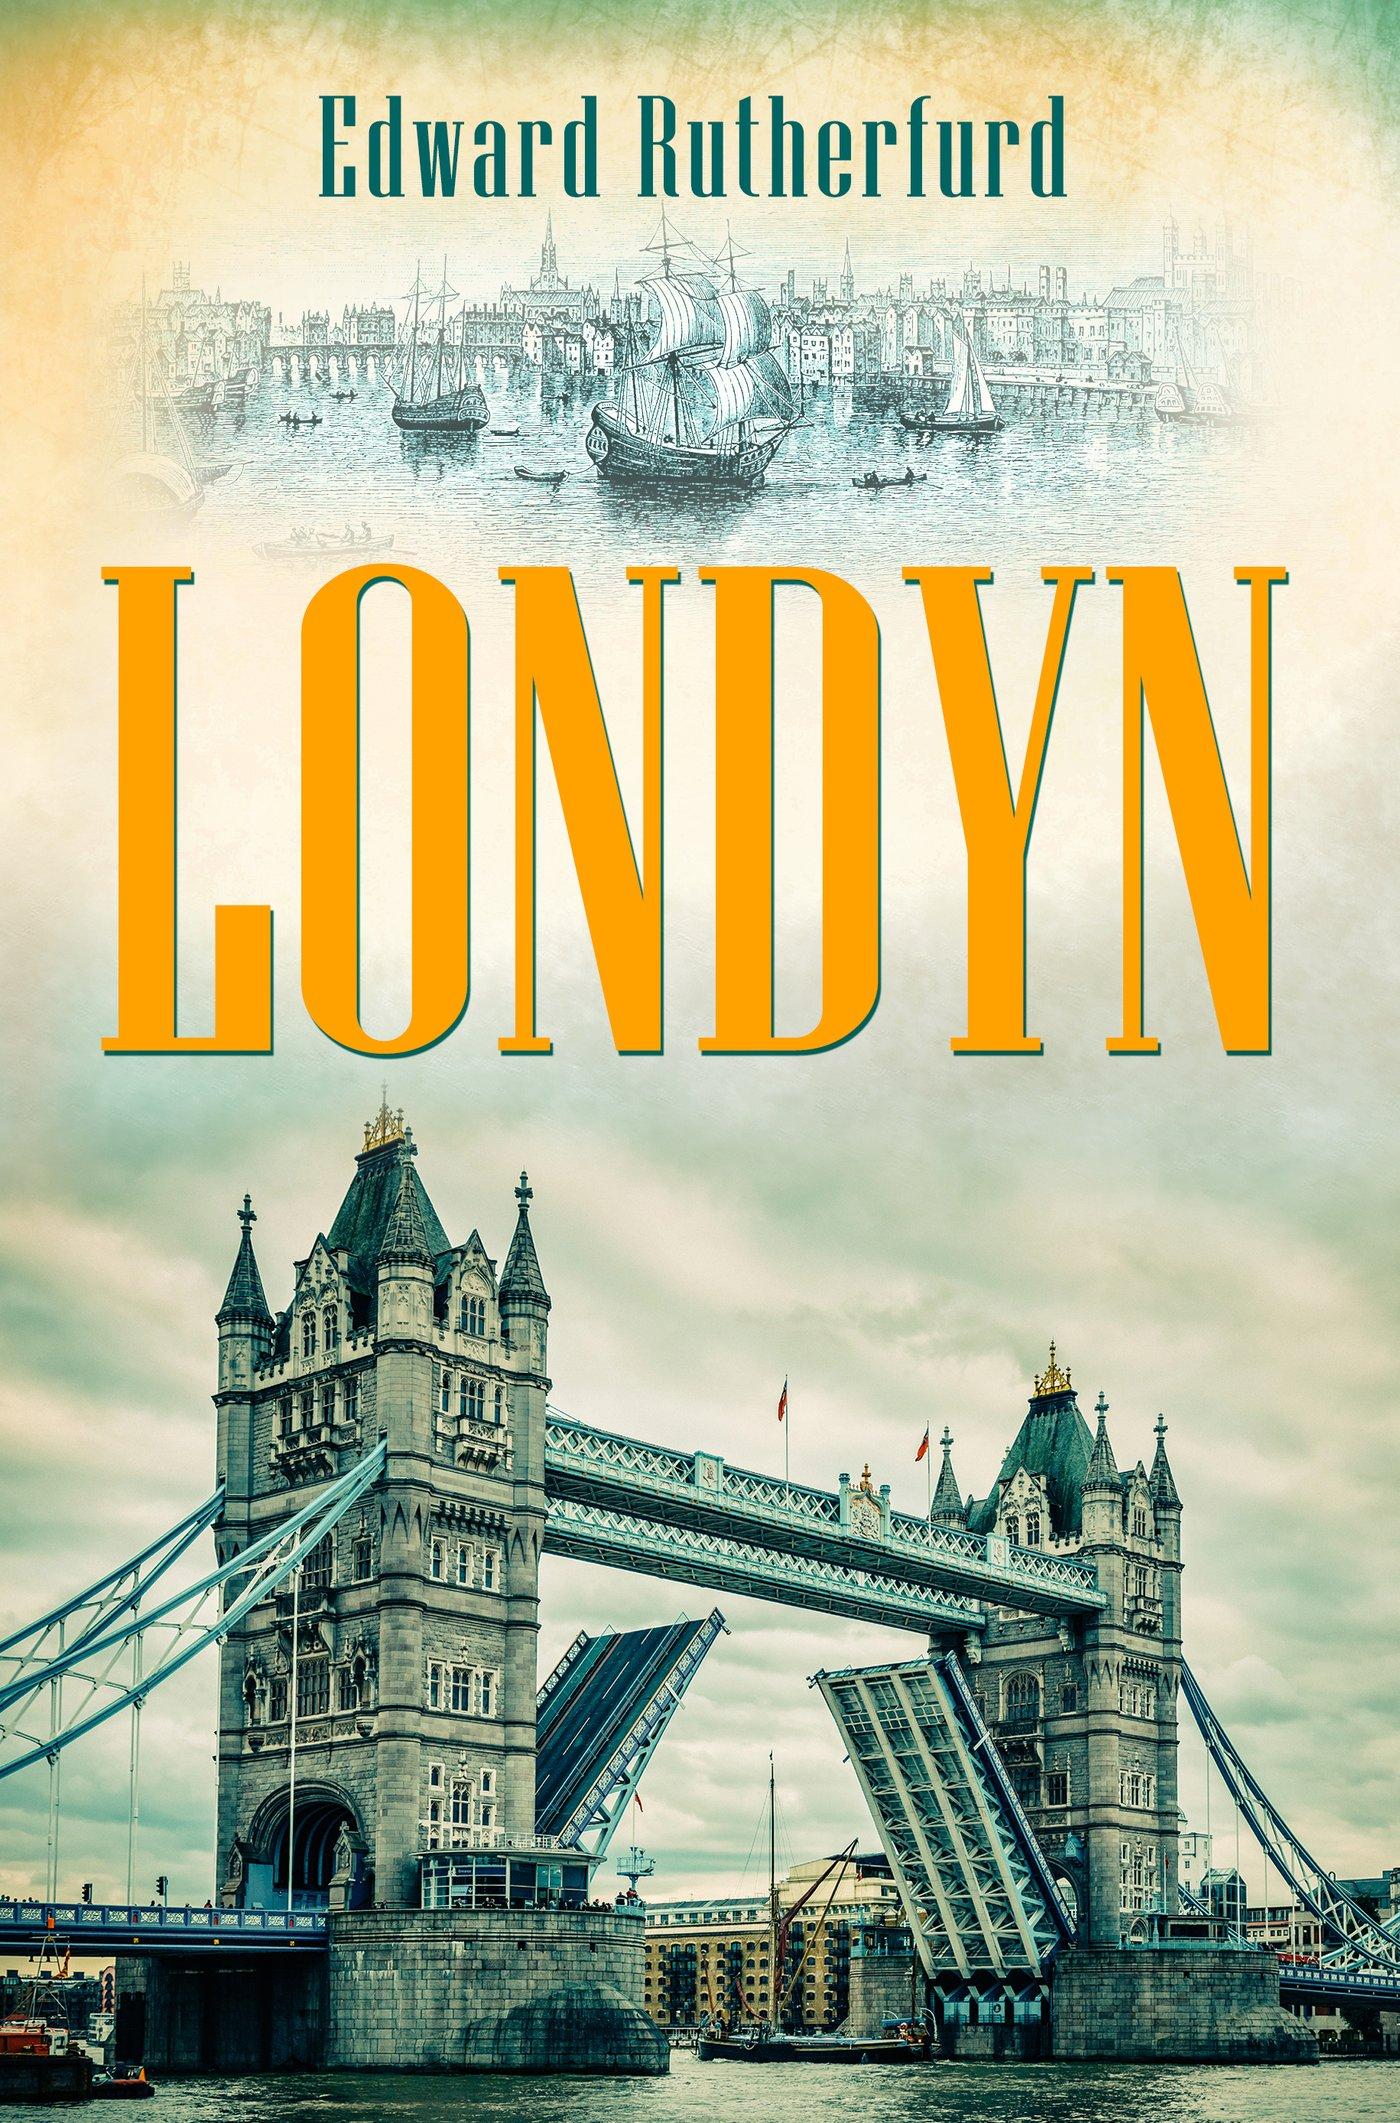 Londyn - Ebook (Książka EPUB) do pobrania w formacie EPUB